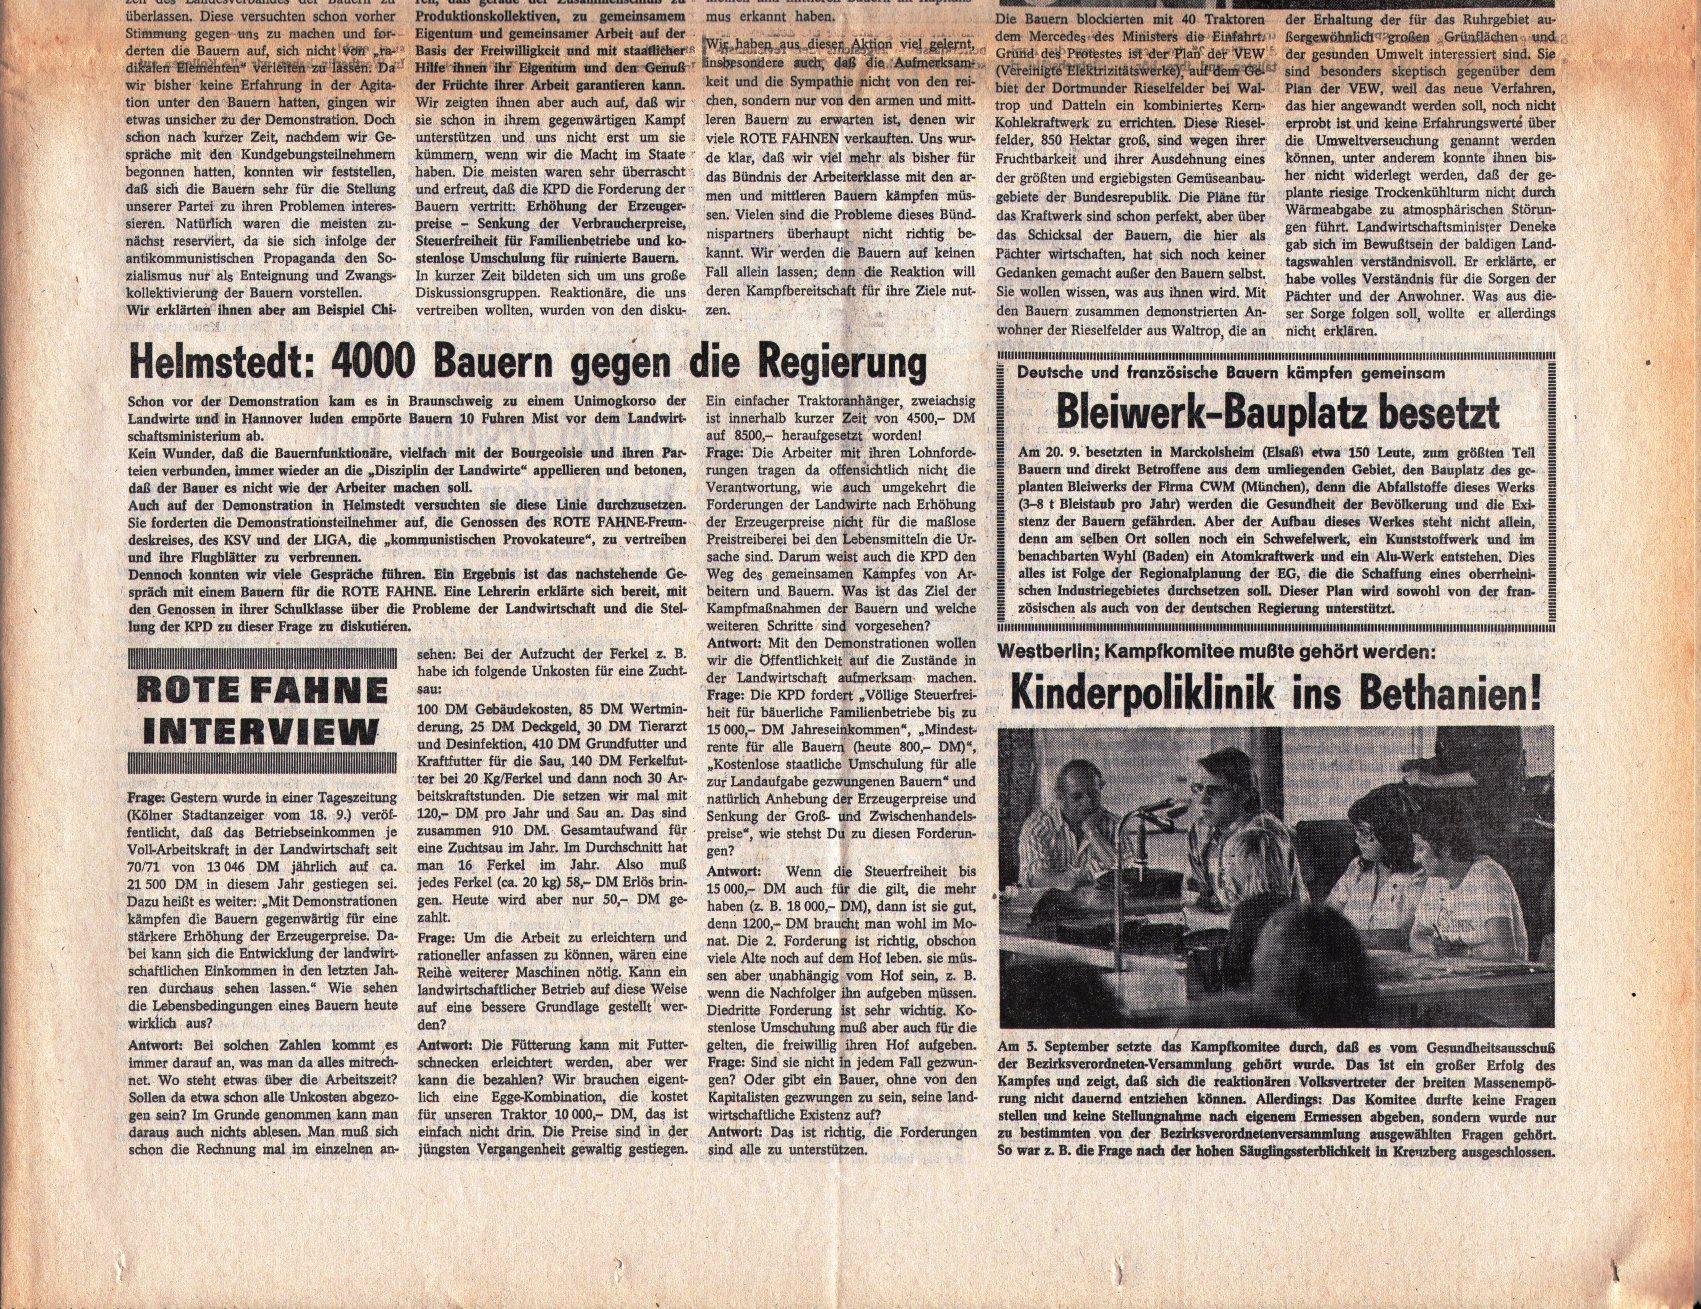 KPD_Rote_Fahne_1974_39_10